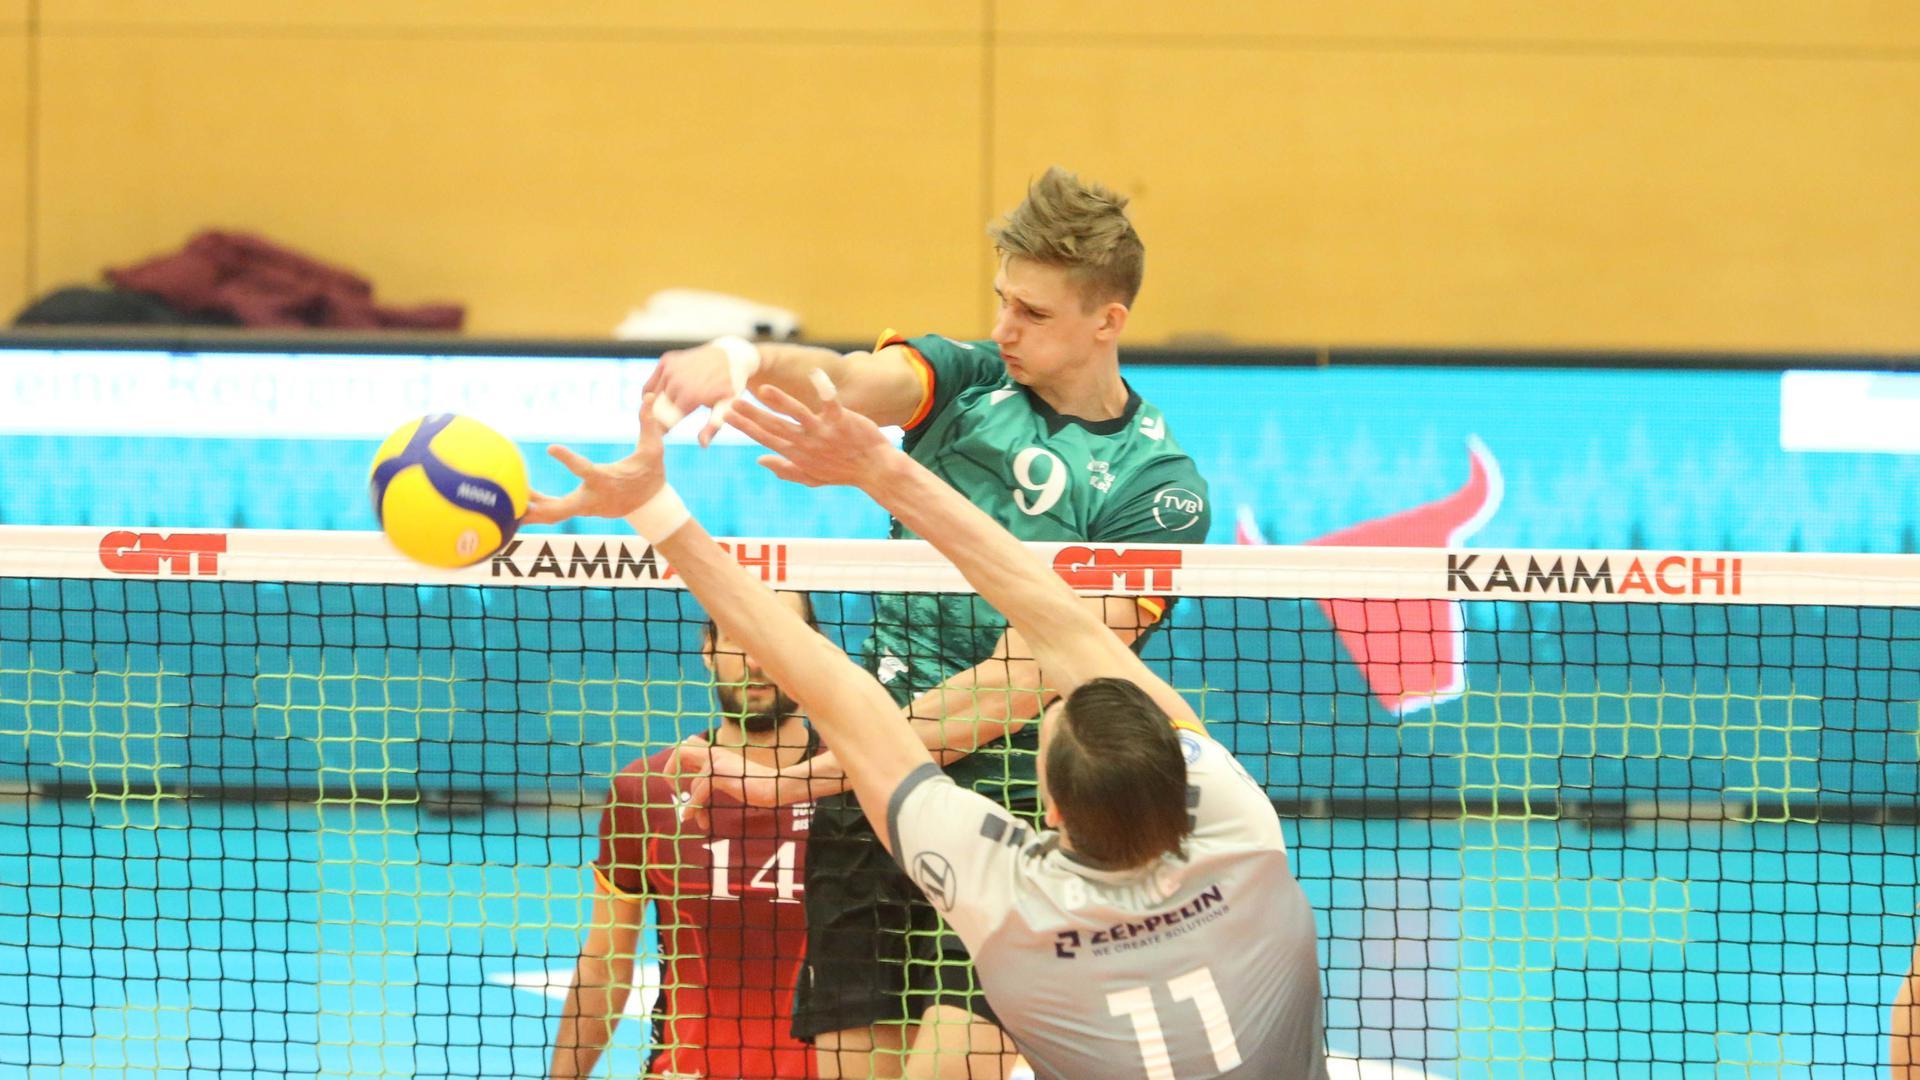 Großer Kampf: Mathäus Jurkovics überwindet im Play-off-Viertelfinale den Friedrichshafener Block und punktet für die Bisons Bühl